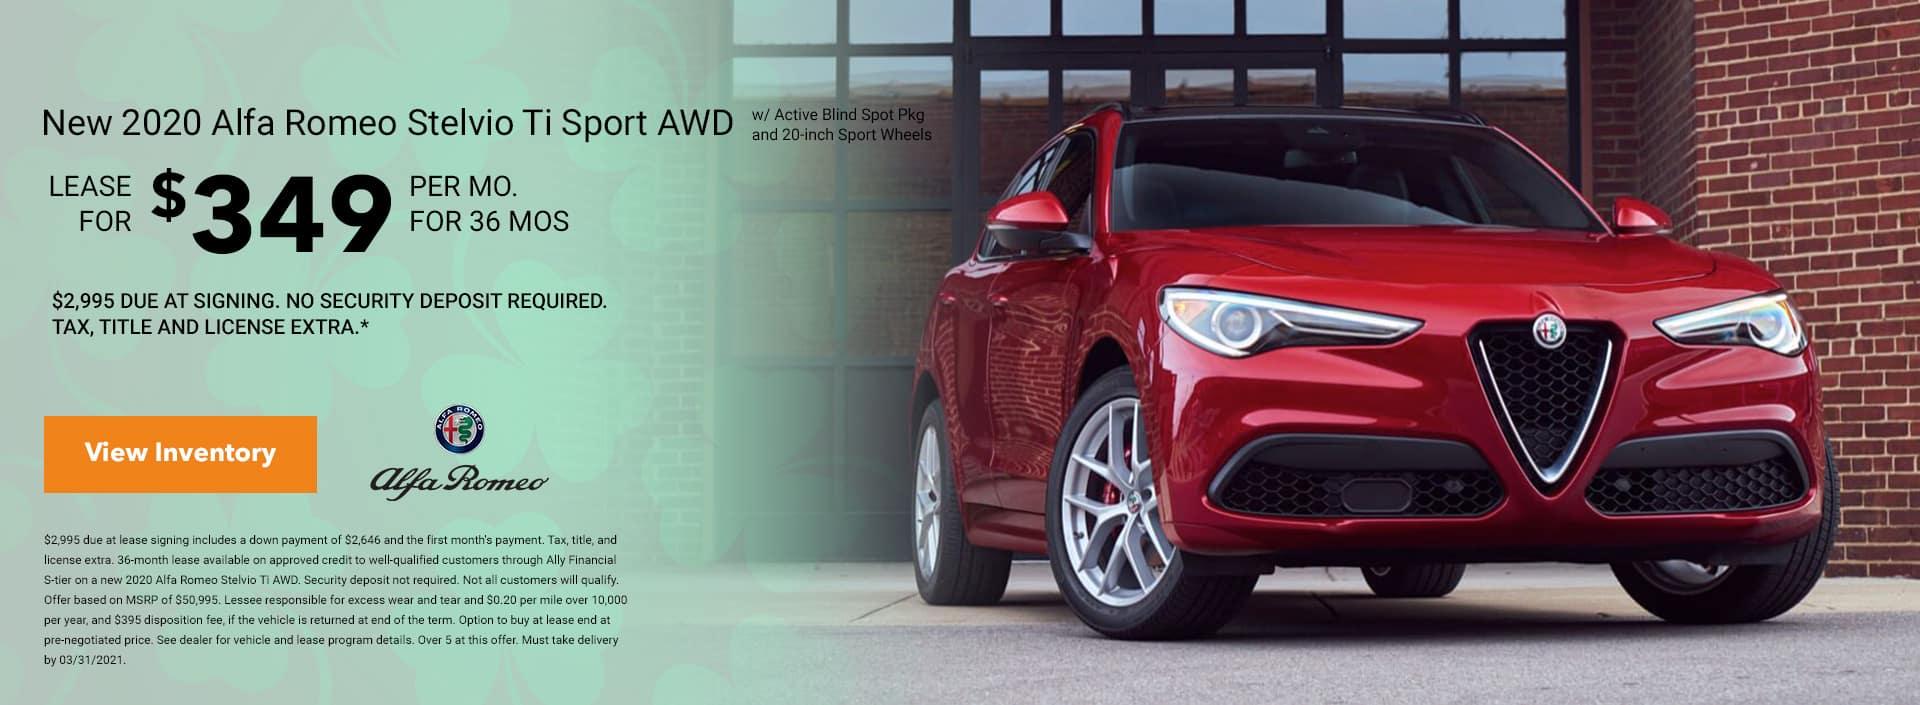 2020 Alfa Romeo Stelvio Ti AWDw/ Active